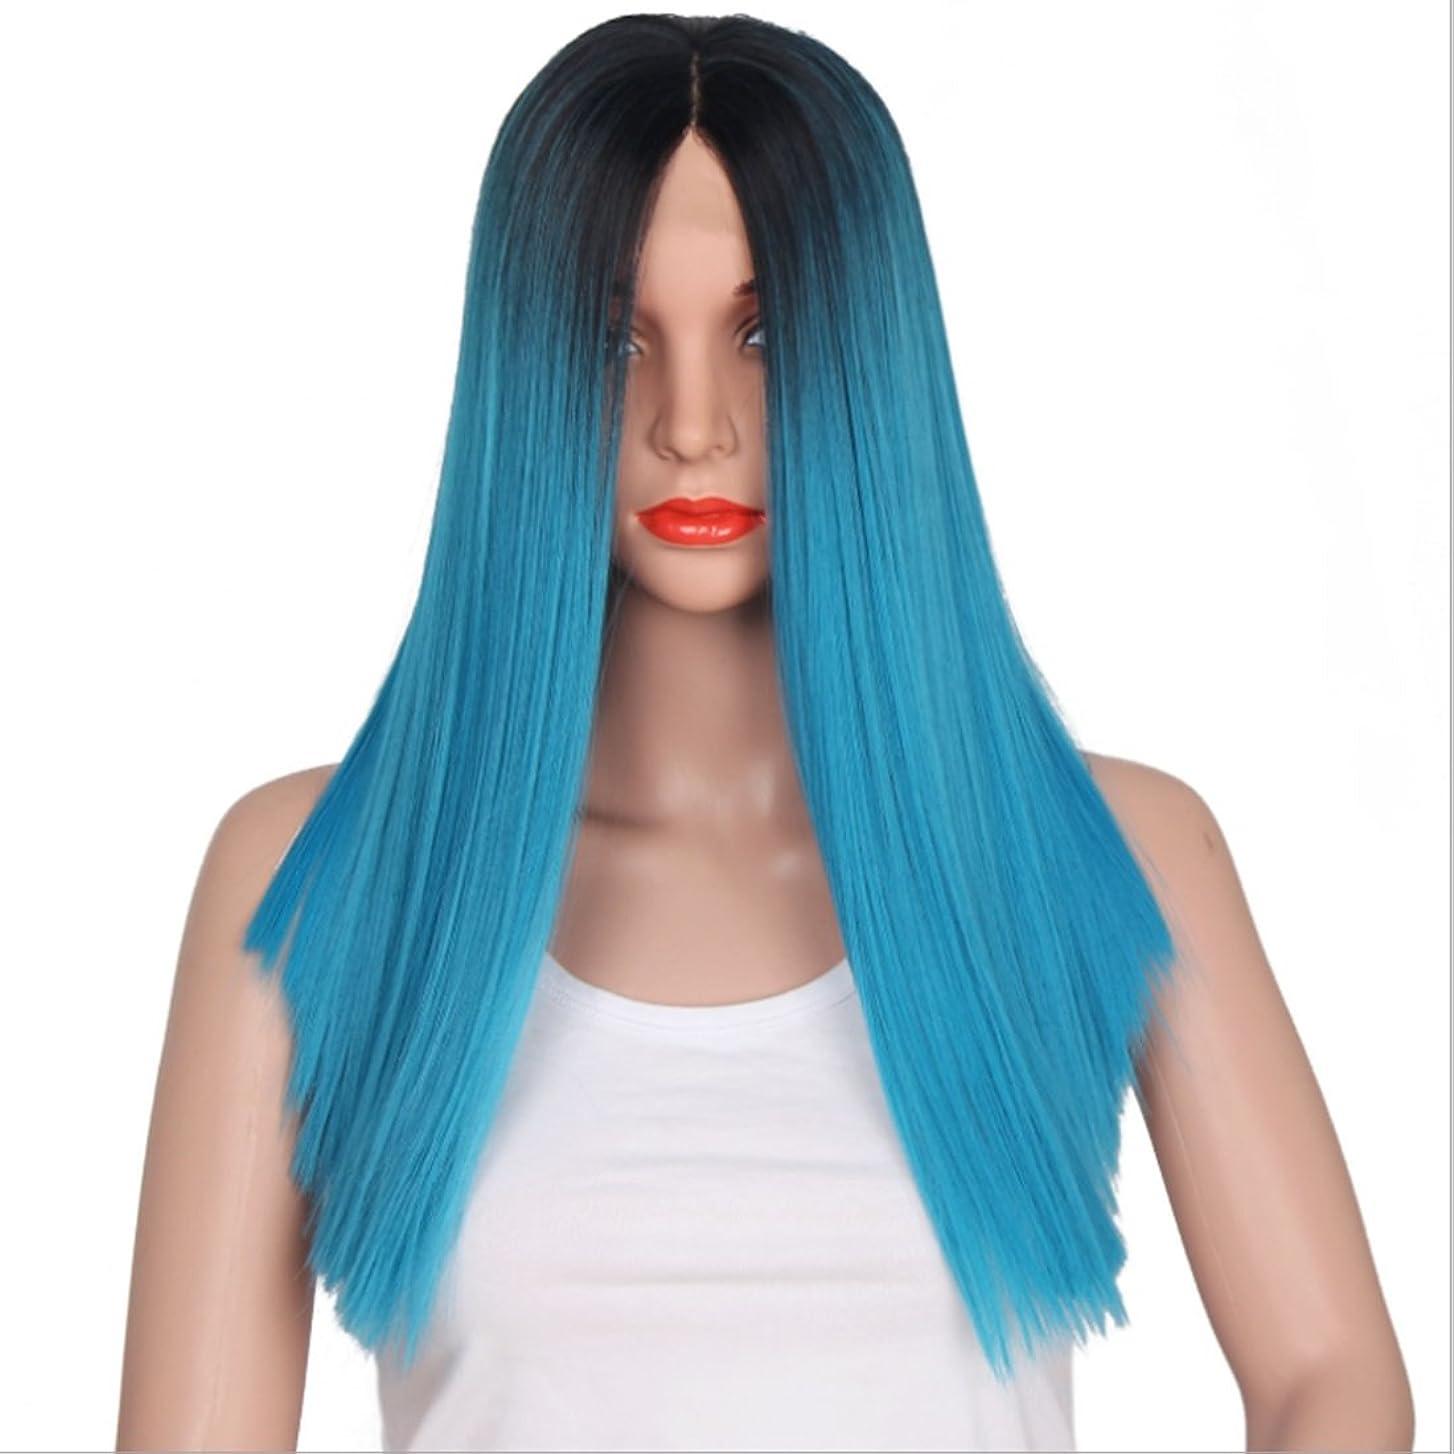 労働うなる徐々にBOBIDYEE 16インチフルハンドウィッグストレートウィッグ女性用レースフロントロングブラックグラデーションブルーヘアーミディアム前髪付きレースヘア合成ストレートコスプレかつらロールプレイングウィッグ (色 : Black gradient blue)